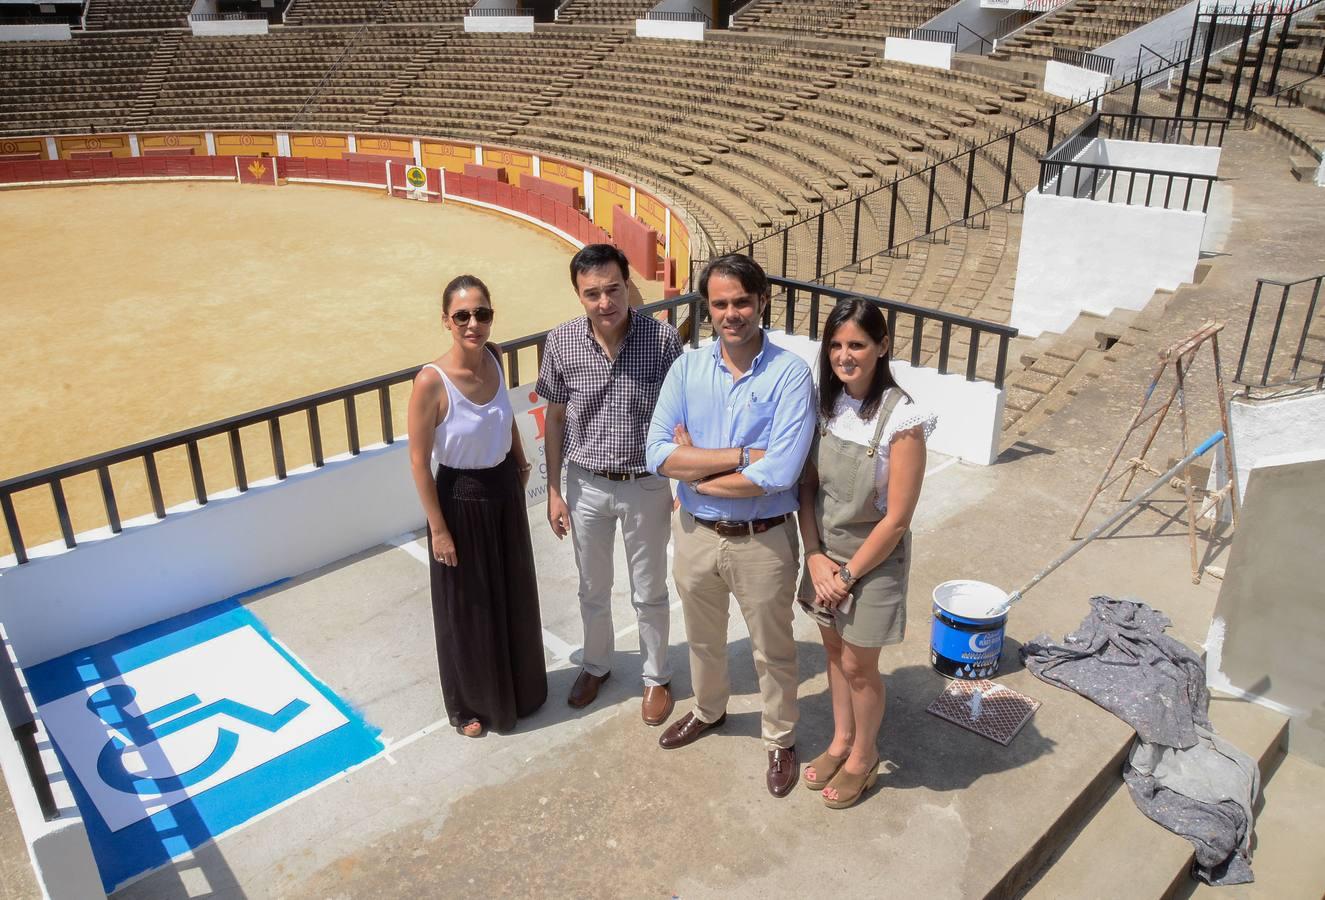 La plaza de toros de Badajoz estrena las plataformas para discapacitados